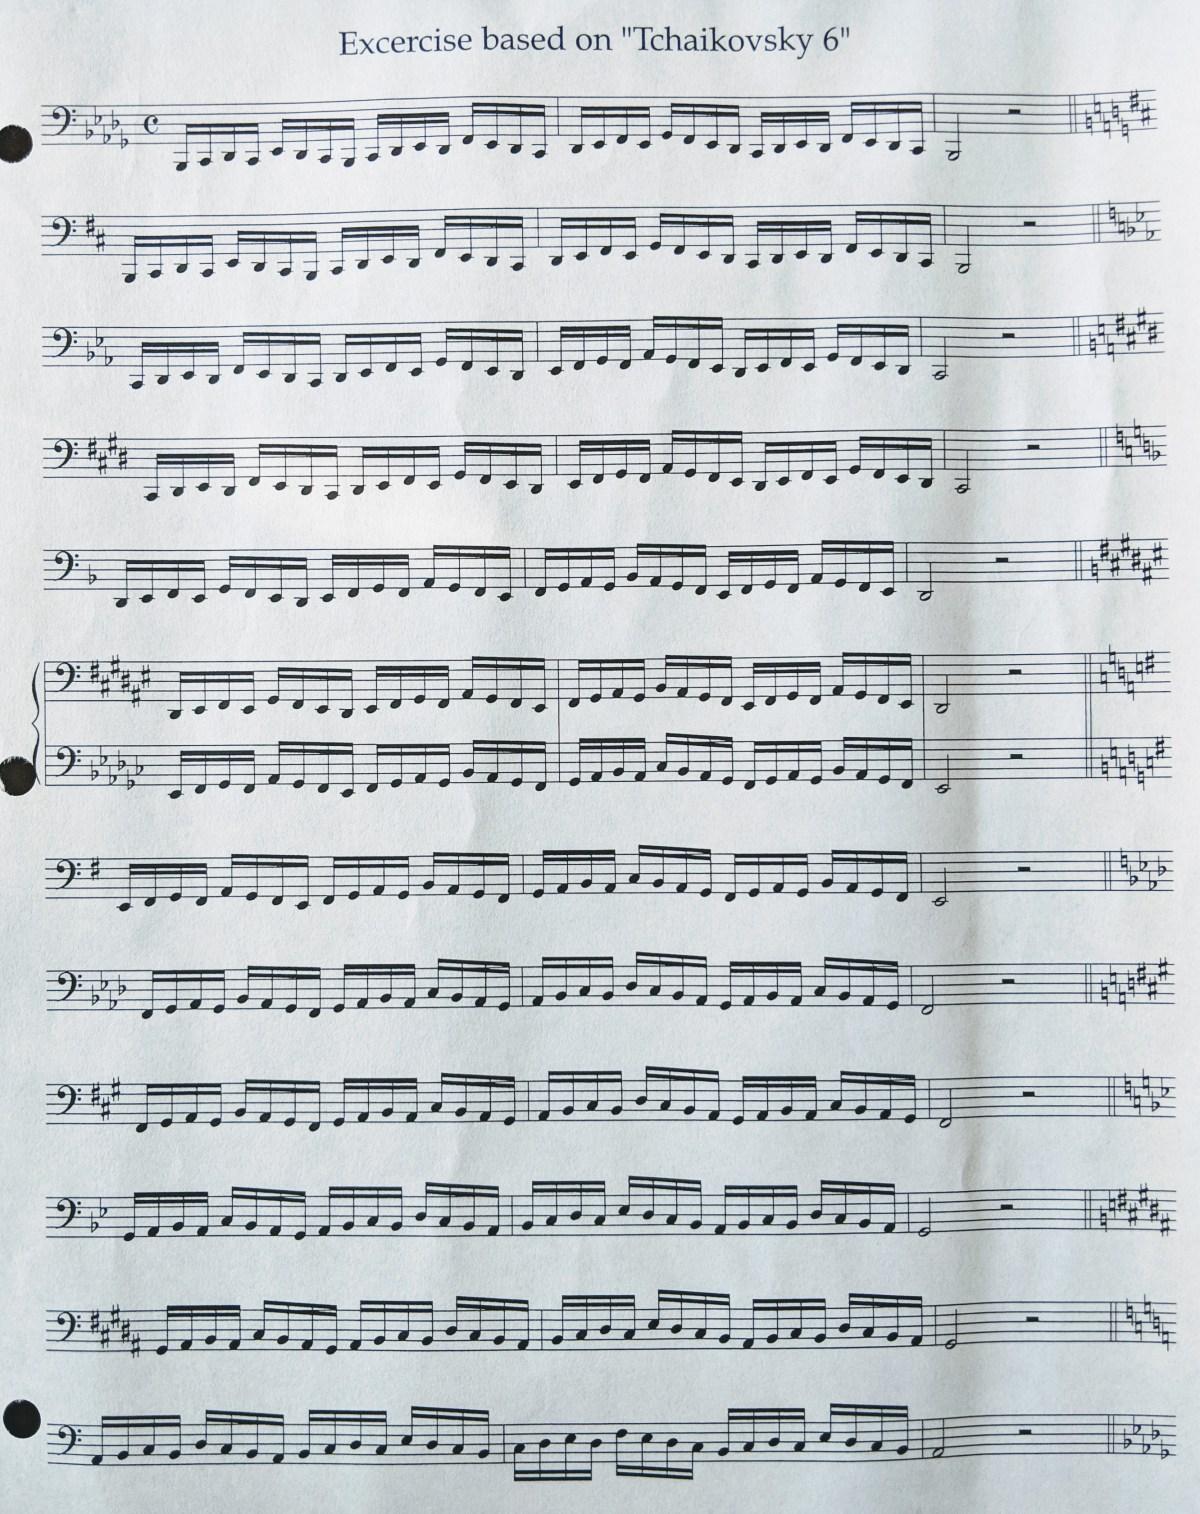 Exercise based on Tchaikovsky 6